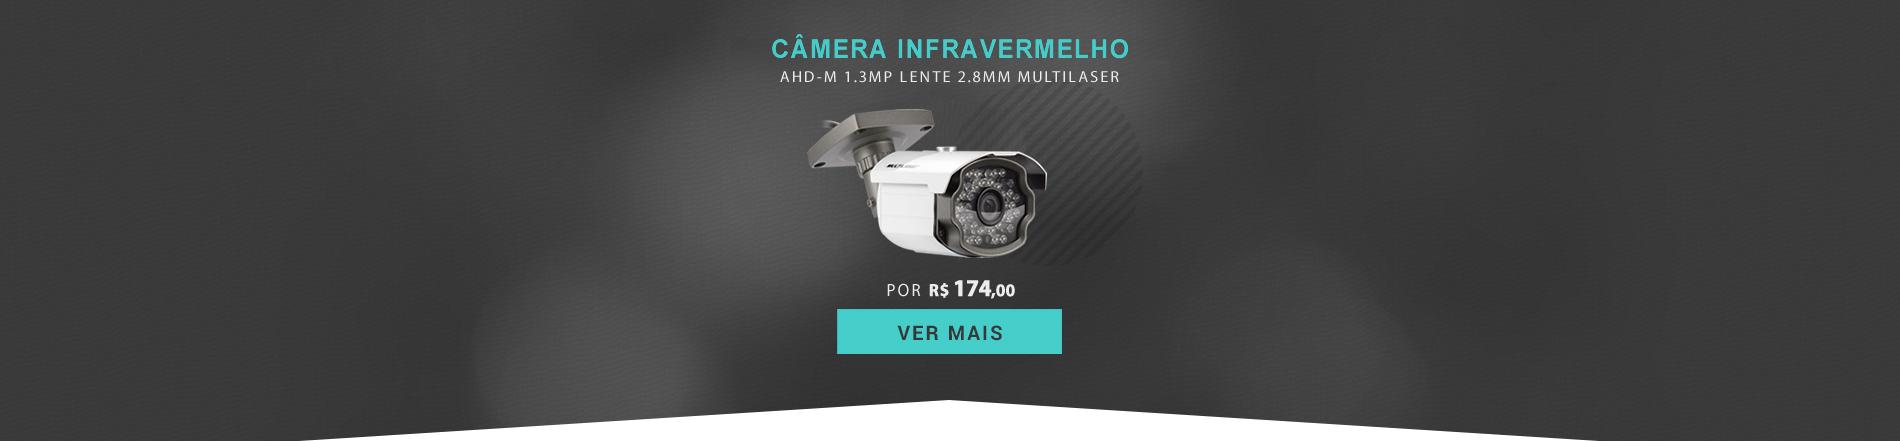 camera ahd multilaser